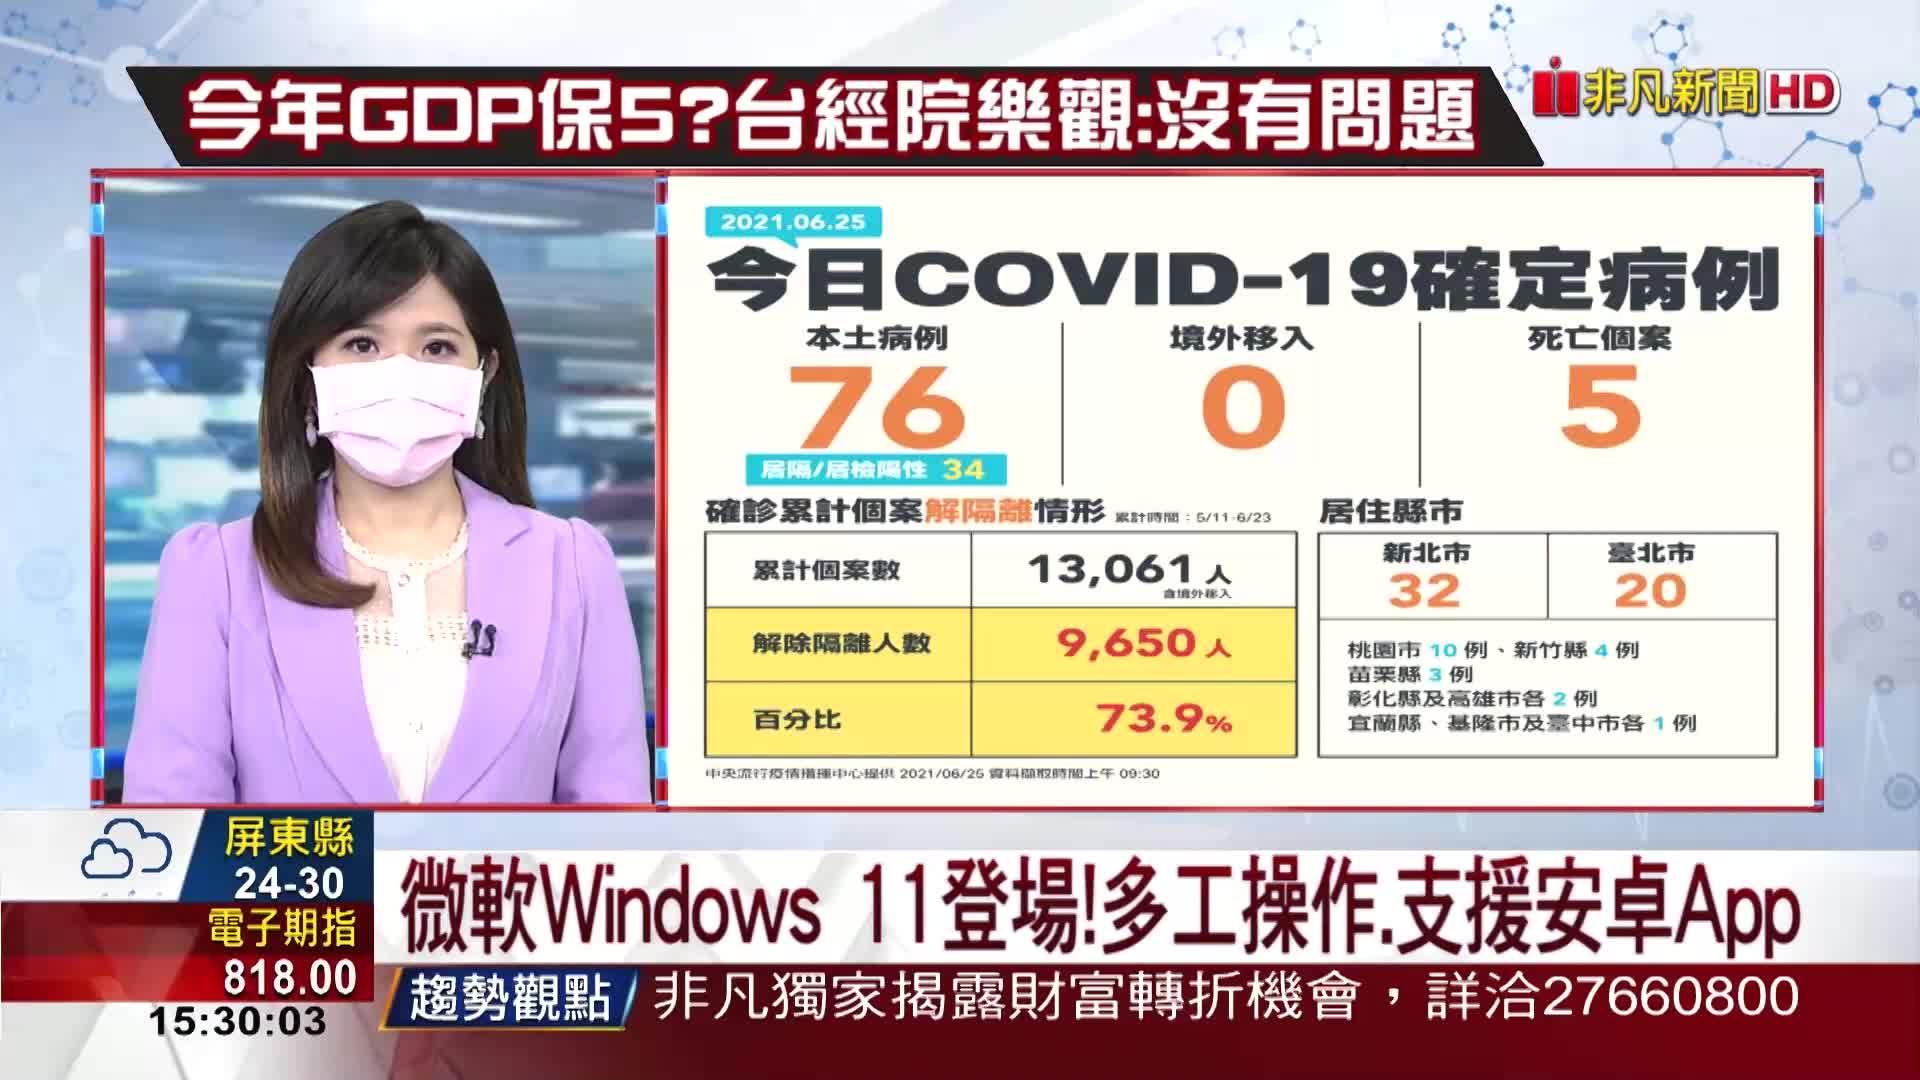 微軟Windows 11登場!多工操作.支援安卓App